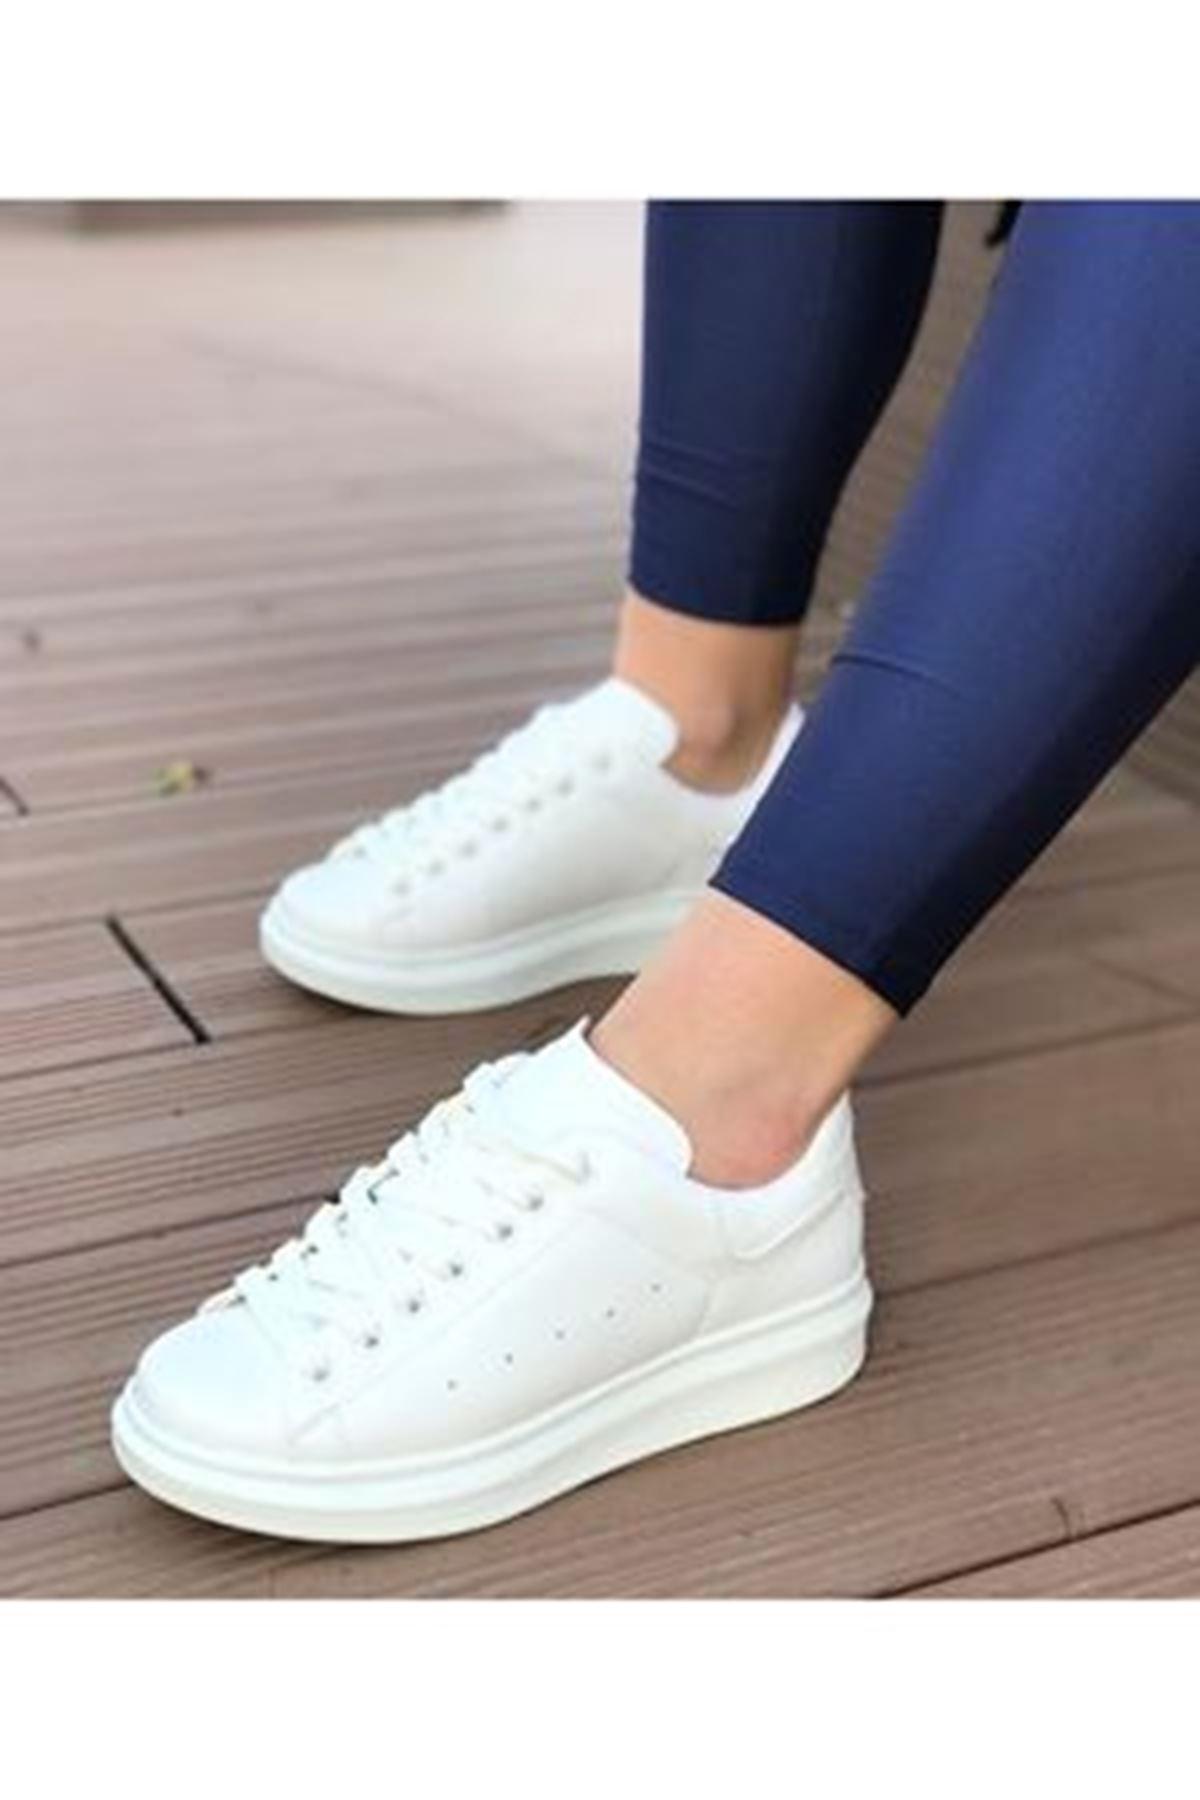 Rupi Beyaz Bayan Spor Ayakkabısı